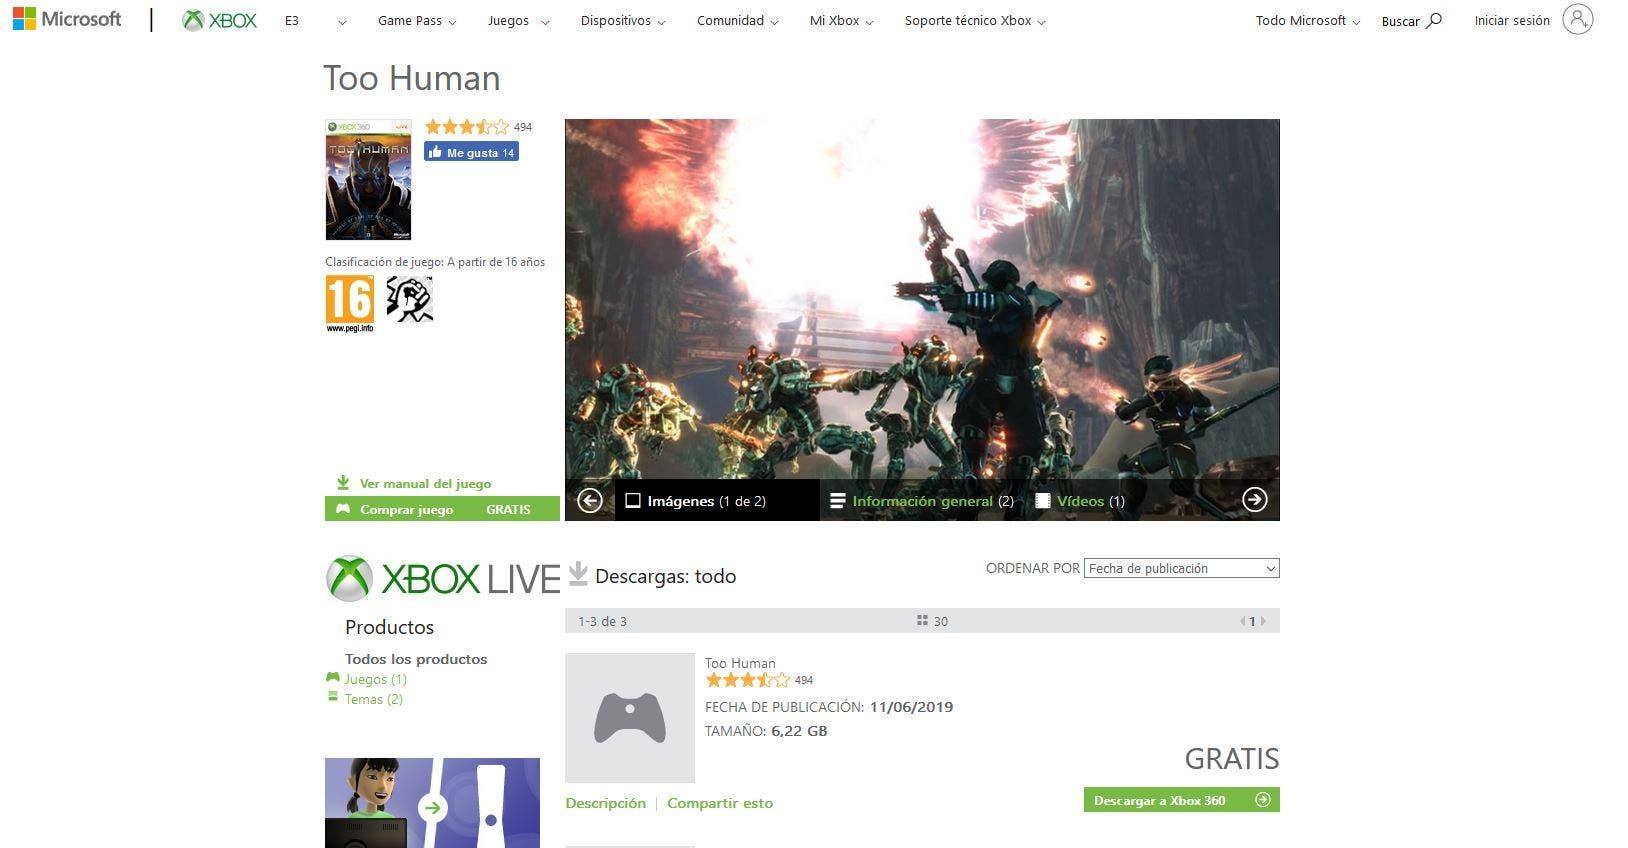 Too Human se encuentra disponible gratis para todos en la Xbox Store 2